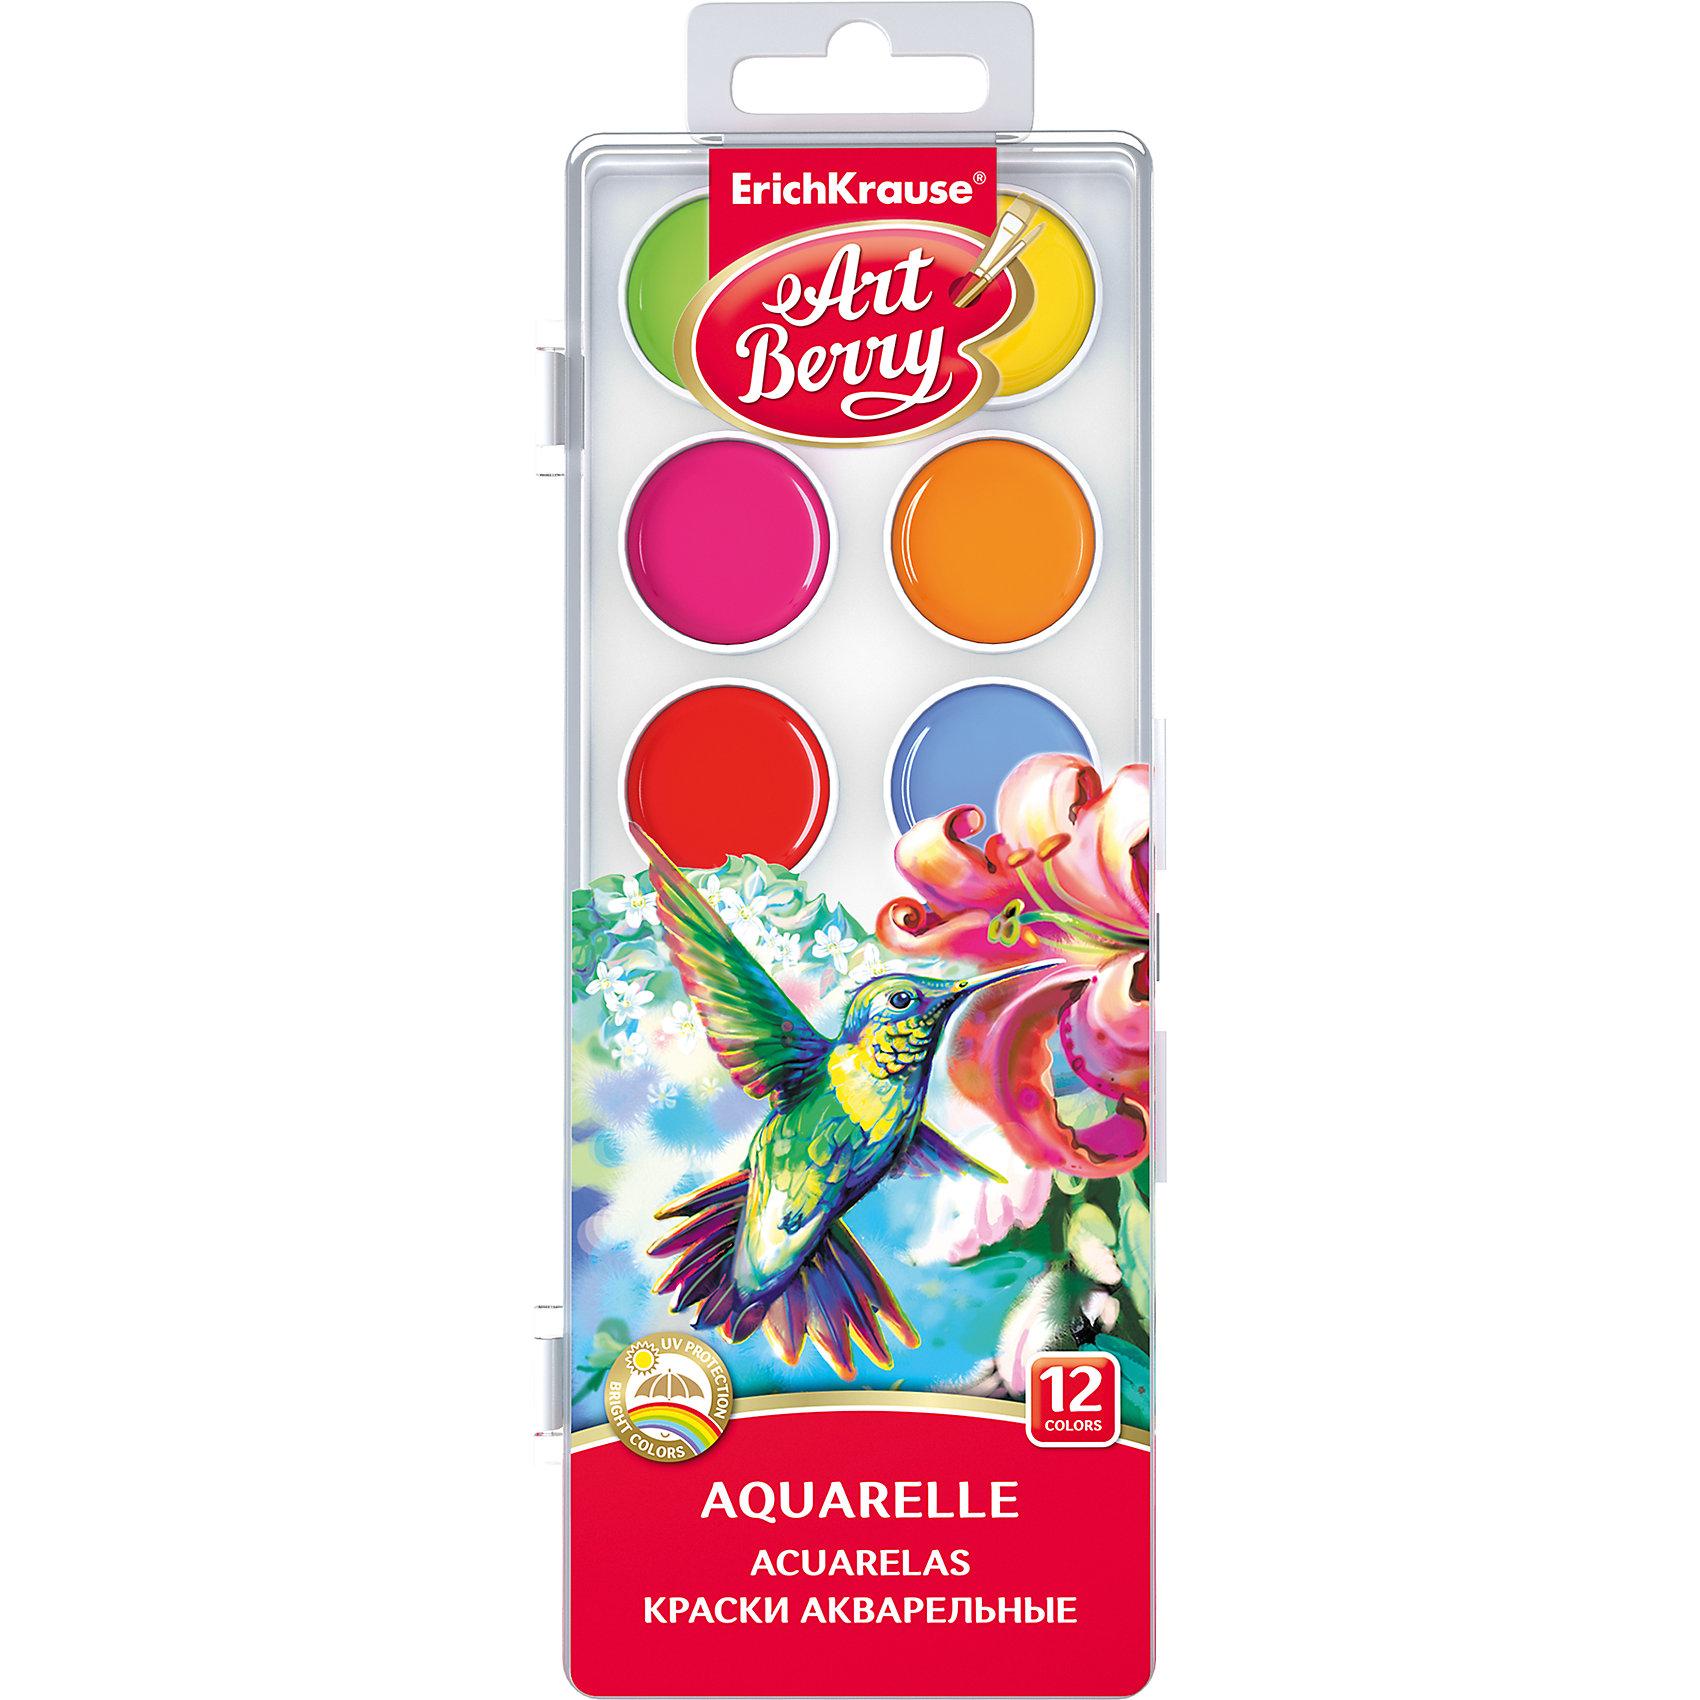 Краски акварельные ArtBerry, 12 цветов с УФ защитой яркостиХарактеристики акварельных красок ArtBerry:<br><br>• возраст: от 5 лет<br>• пол: для мальчиков и девочек<br>• комплект: 12 красок в пластиковом боксе.<br>• материал: пластик, краситель, связующее вещество.<br>• размер упаковки: 18.5х7х1 см.<br>• упаковка: пластиковая коробка.<br>• тип: акварельные полусухие.<br>• количество цветов: 12.<br>• цвет: два оттенка зеленого, голубой, синий, коричневый, черный, белый, желтый, оранжевый, фуксия, красный, бордовый.<br>• бренд: Erich Krause<br>• страна обладатель бренда: Россия.<br><br>Акварельные краски с УФ-защитой яркости. Цвета легко смешиваются и сочетаются между собой, равномерно ложатся на бумагу, обладают лучшей цветопередачей и не выгорают на солнце благодаря УФ-защите. Срок годности не ограничен.<br><br>Акварельные краски ArtBerry торговой марки Erich Krause  можно купить в нашем интернет-магазине.<br><br>Ширина мм: 104<br>Глубина мм: 205<br>Высота мм: 13<br>Вес г: 89<br>Возраст от месяцев: 60<br>Возраст до месяцев: 216<br>Пол: Унисекс<br>Возраст: Детский<br>SKU: 5409202